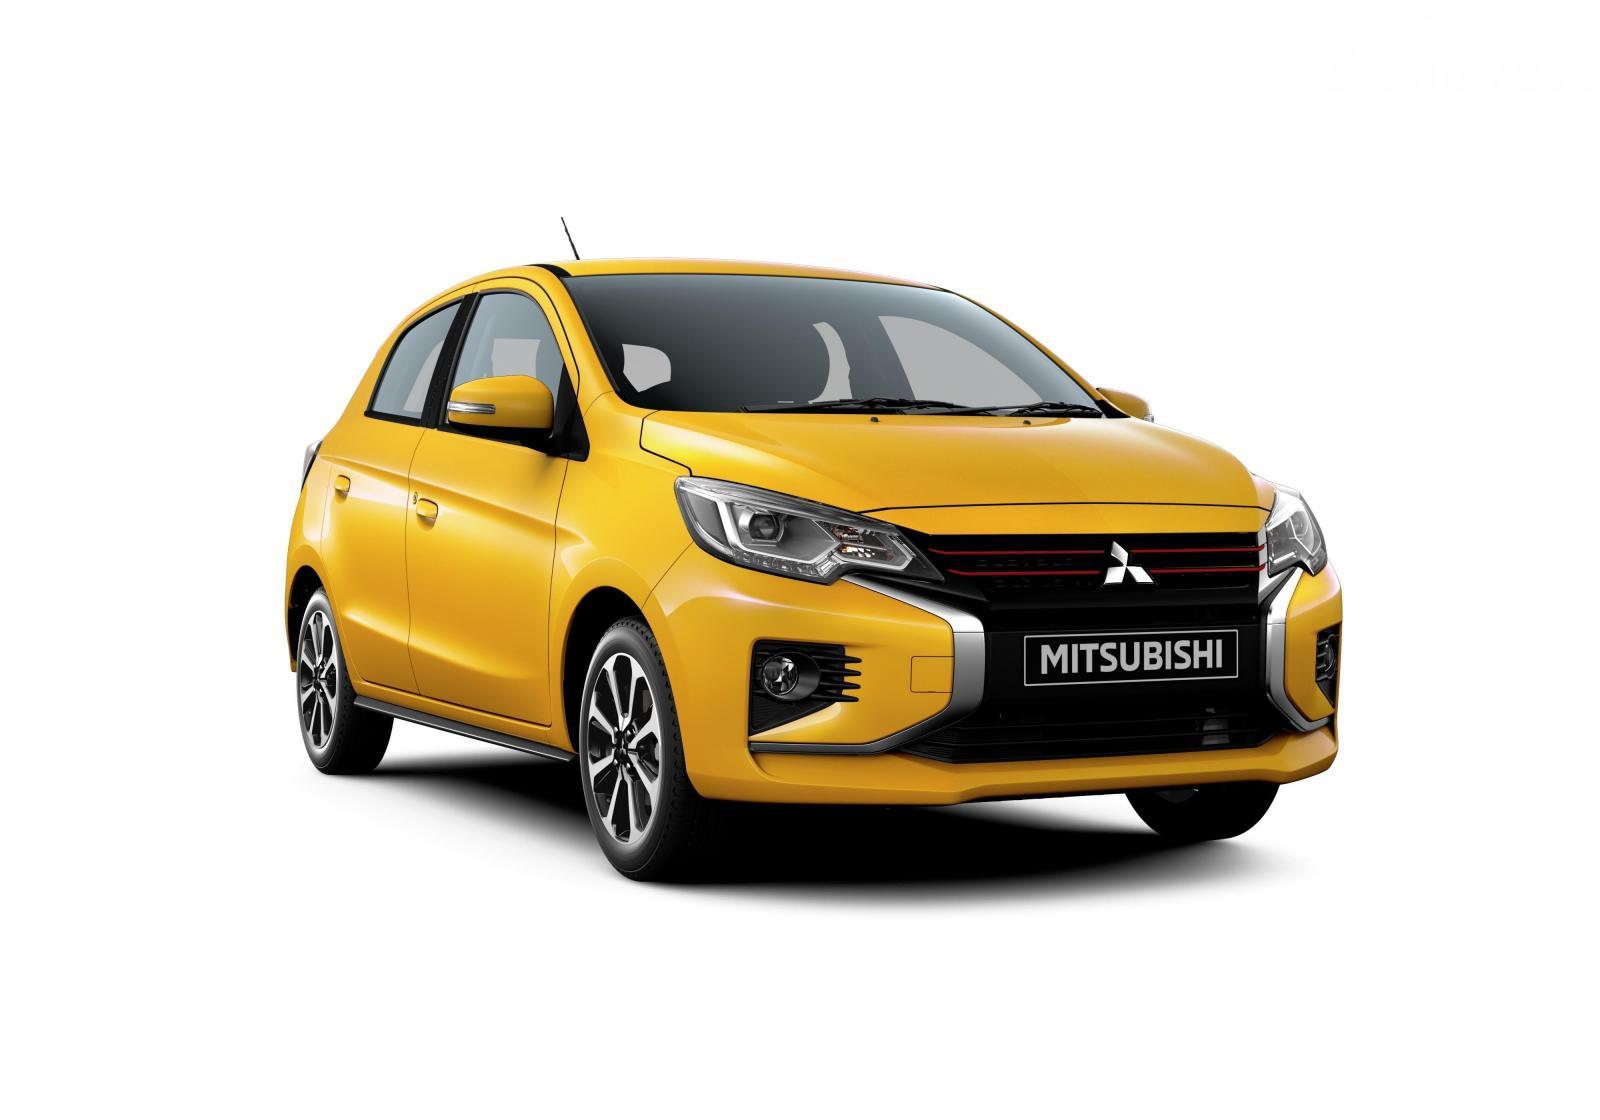 Gambar sebuah mobil Mitsubishi Mirage berwarna kuning dilihat dari sisi depan